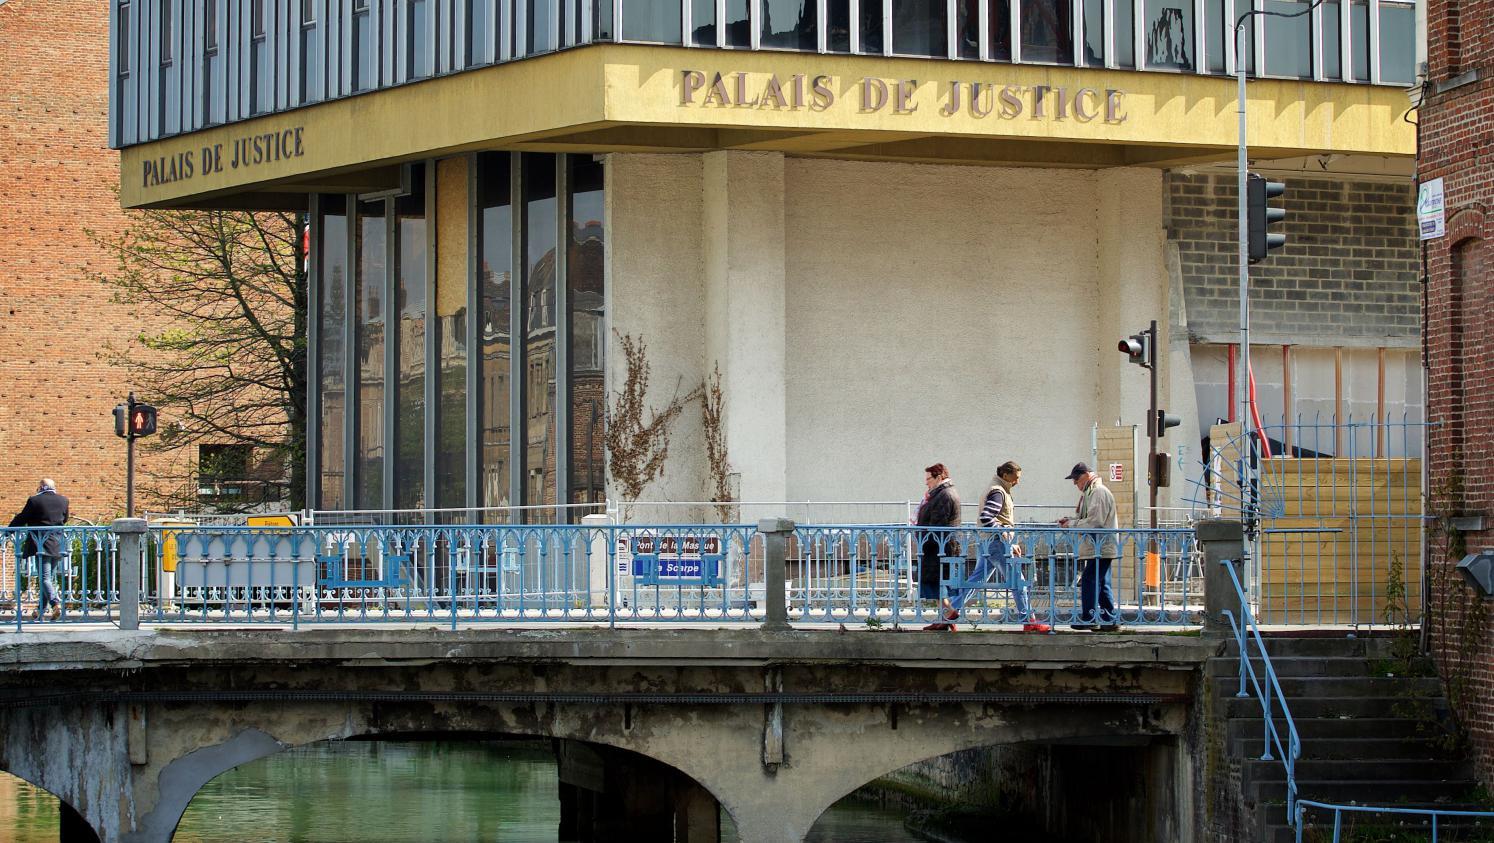 Les cours d'appel de Rennes et de Douai, ainsi que le barreau de Lille, expérimentent depuis le mois d'avril un nouveau logiciel de